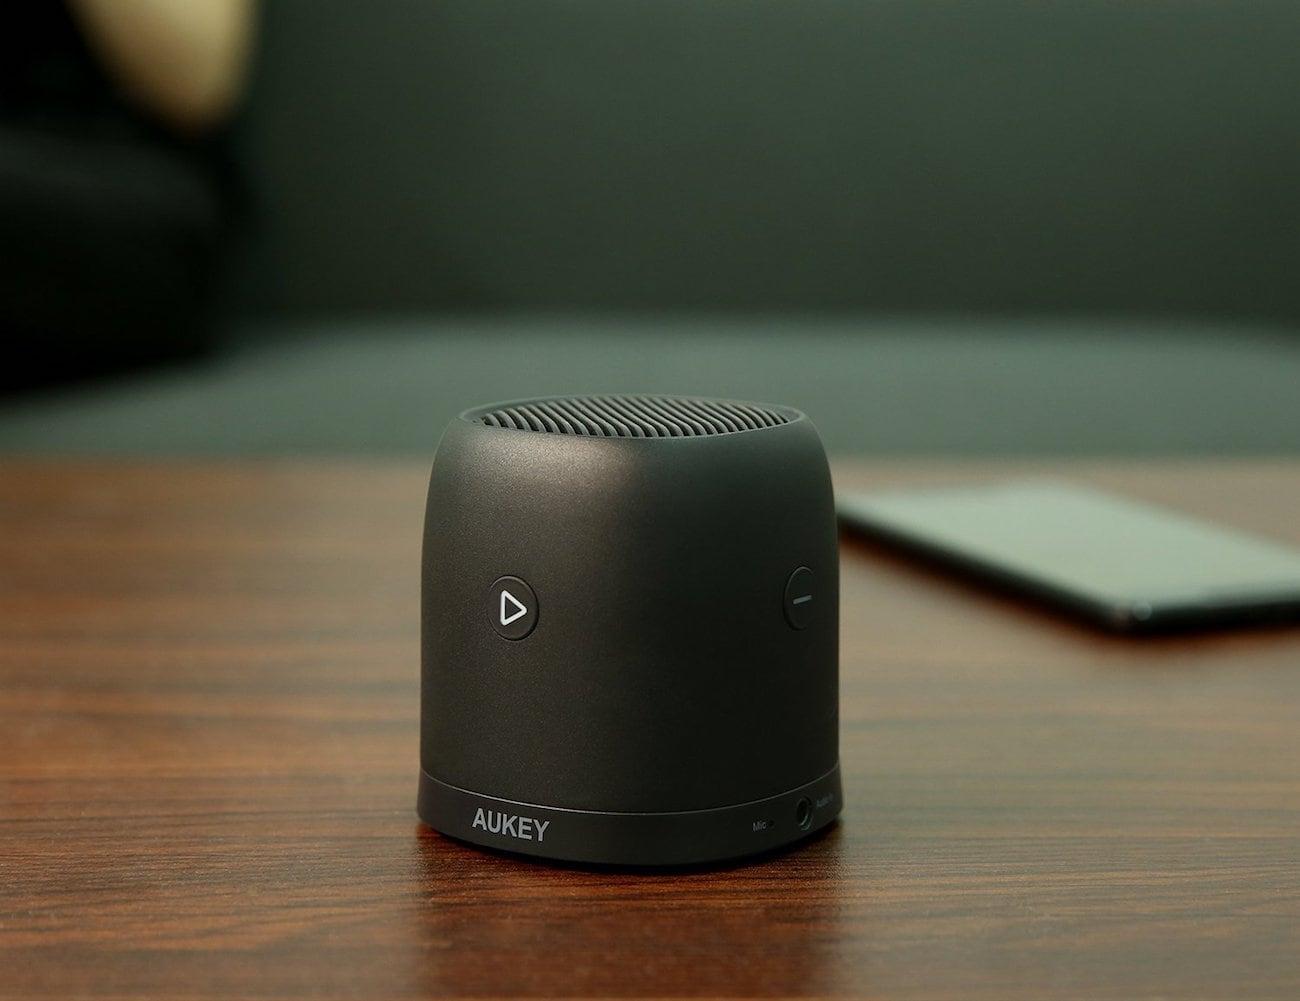 AUKEY Mini Metal Bluetooth Speaker